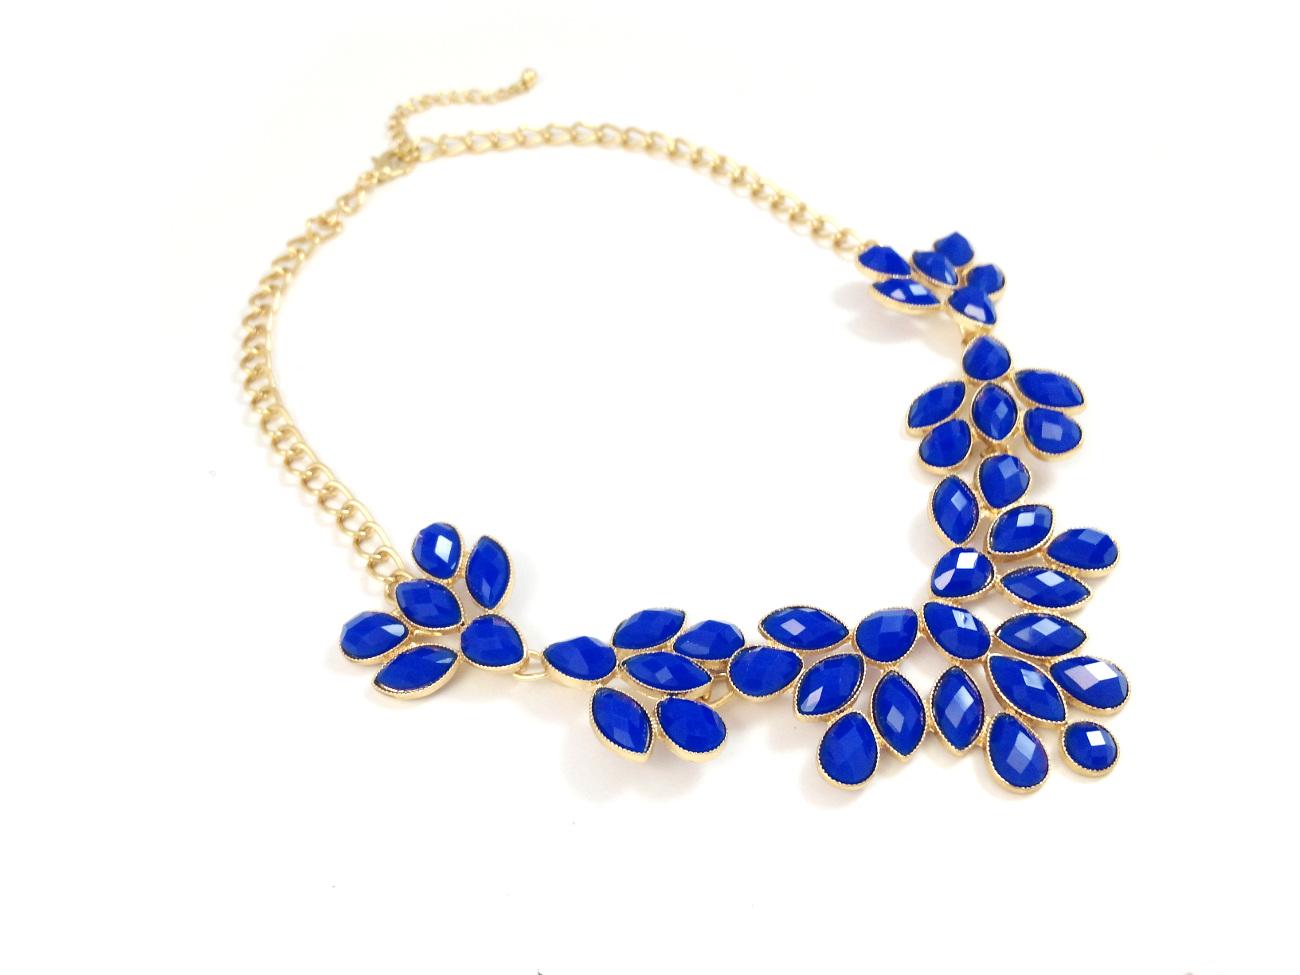 cobalt blue statement necklace quotes